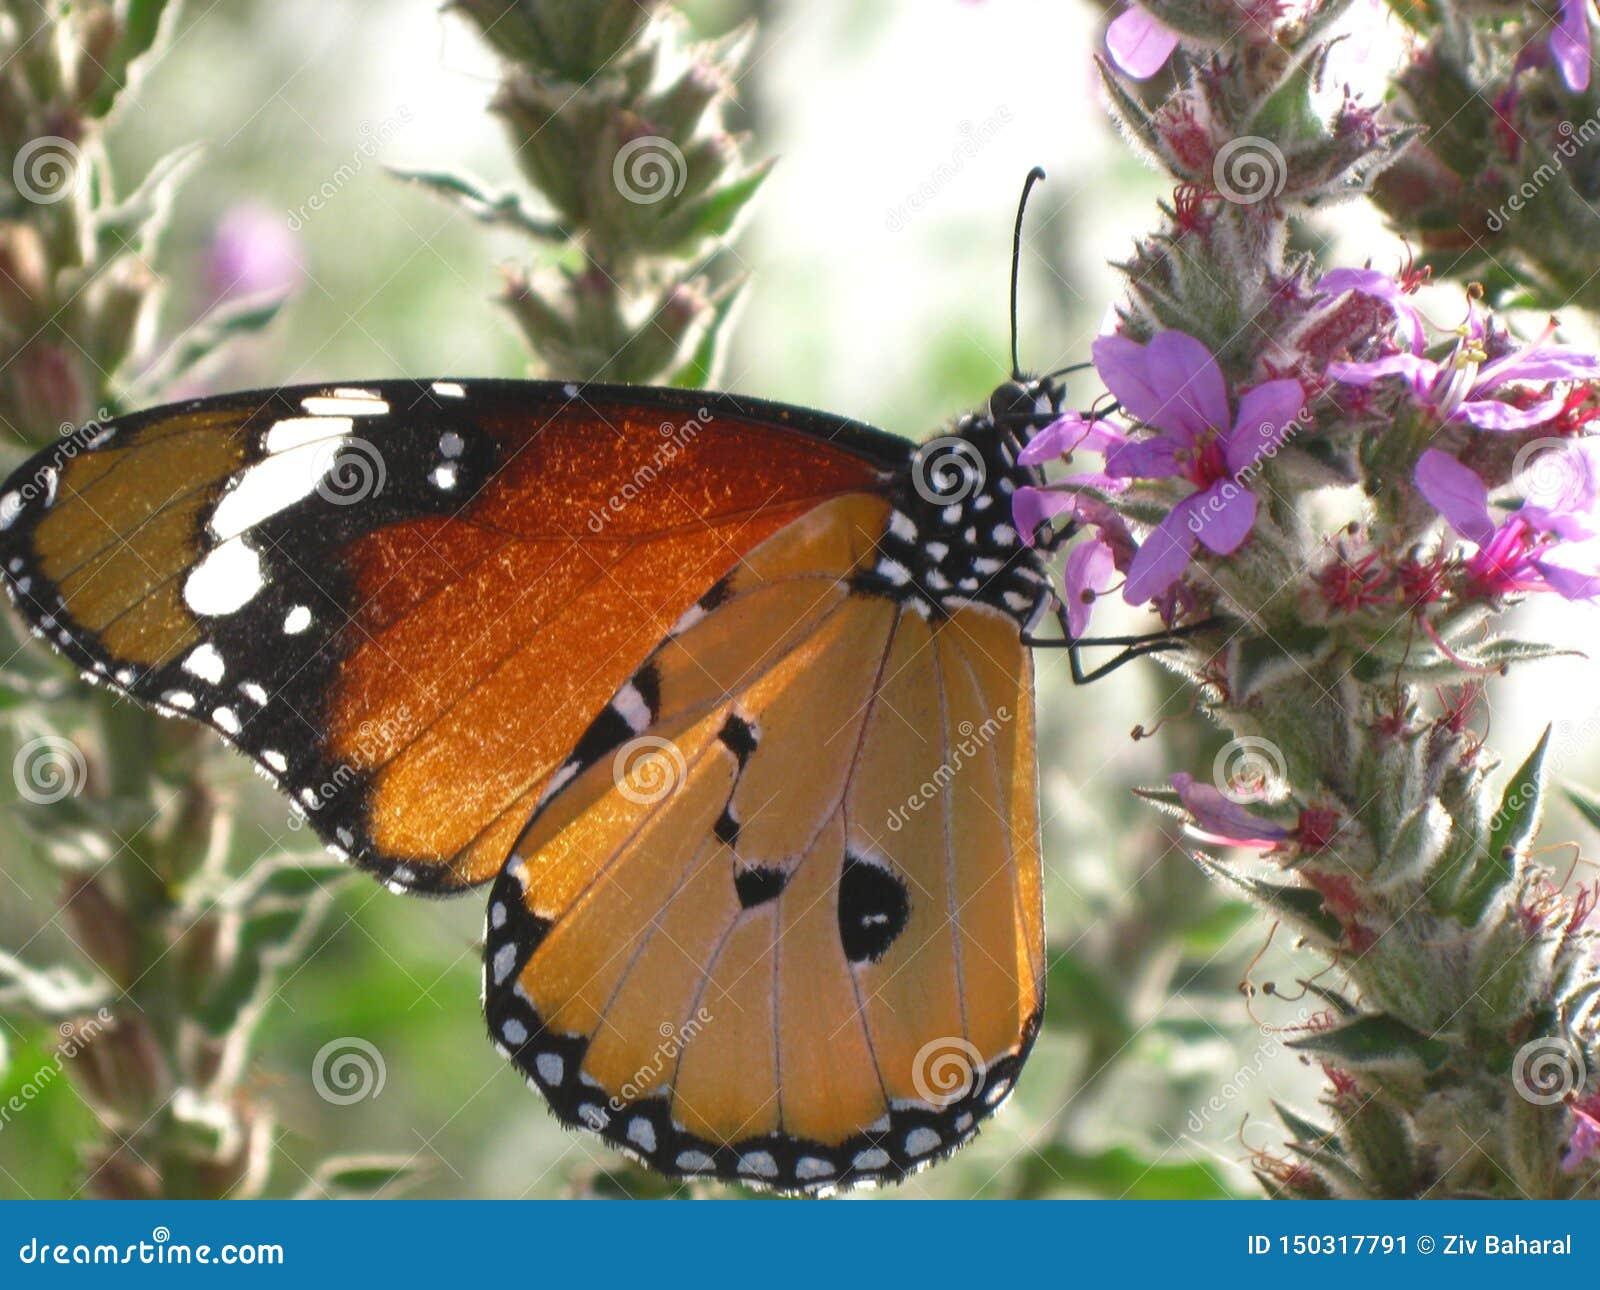 Ein Vanessa-cardui Schmetterling auf einer Frühlingsblume